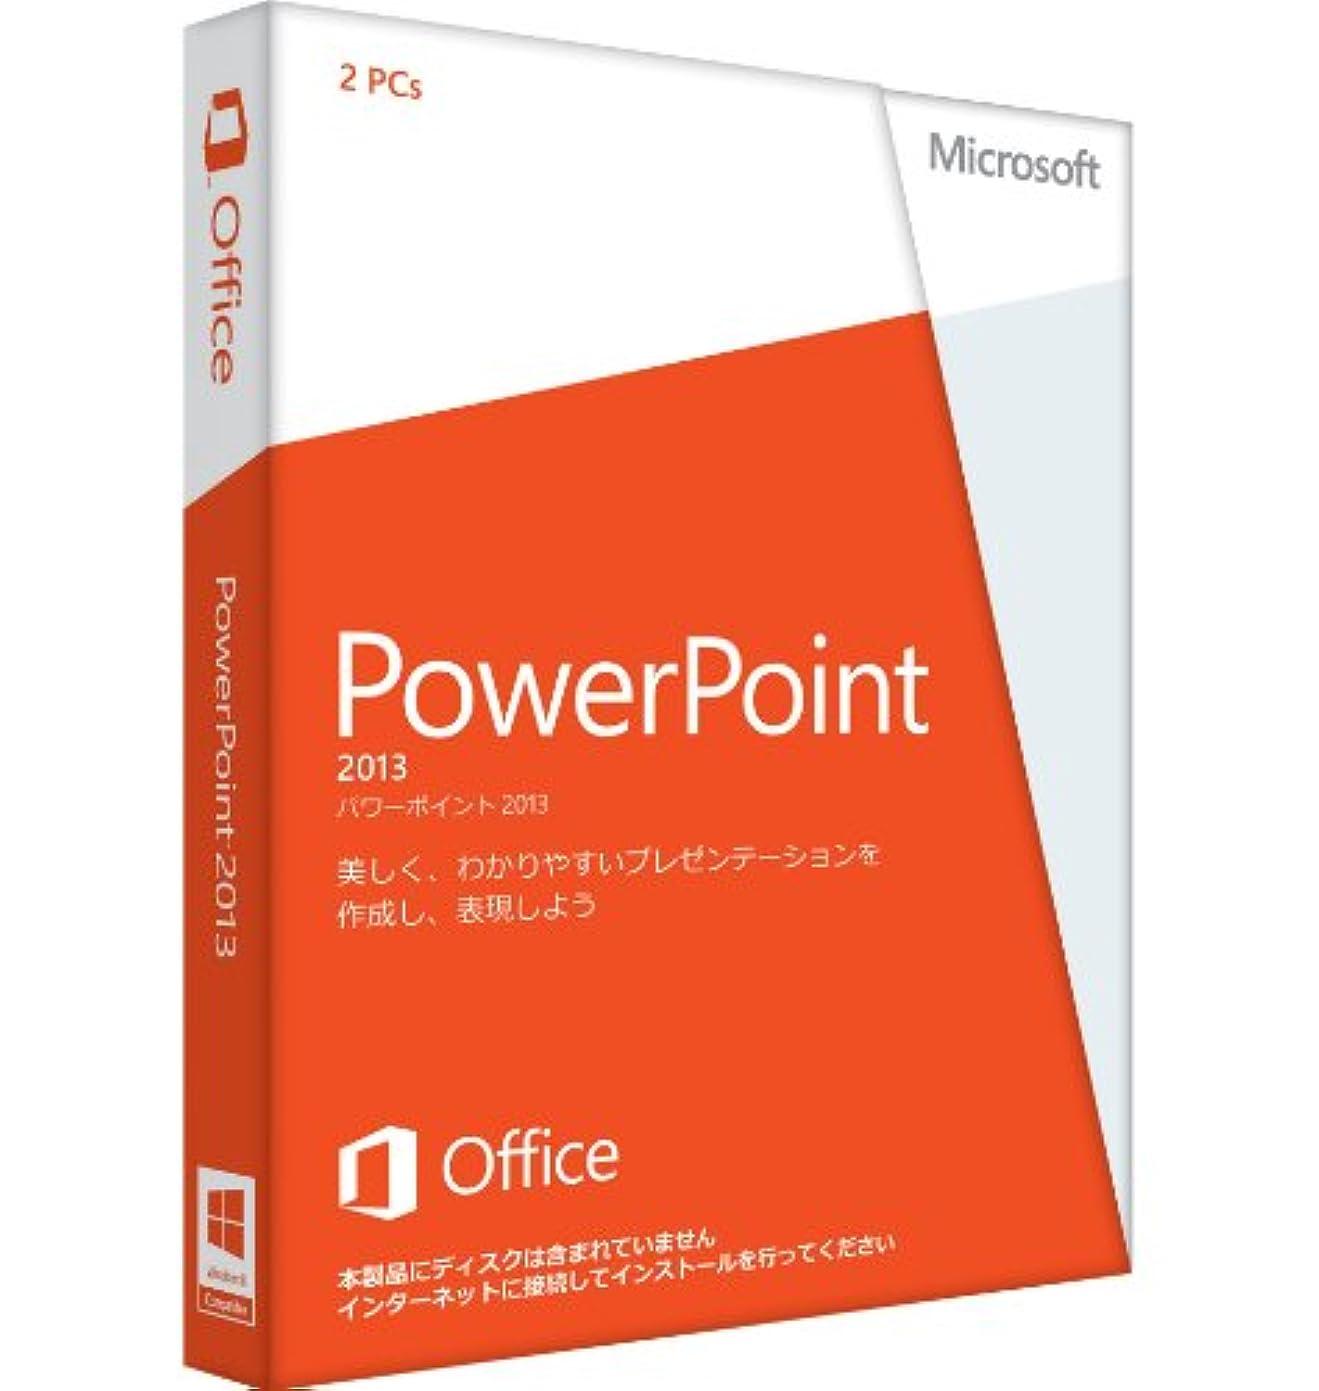 時系列破壊する幻想【旧商品/2016年メーカー出荷終了】Microsoft Office PowerPoint 2013 通常版 [プロダクトキーのみ] [パッケージ] [Windows版](PC2台/1ライセンス)